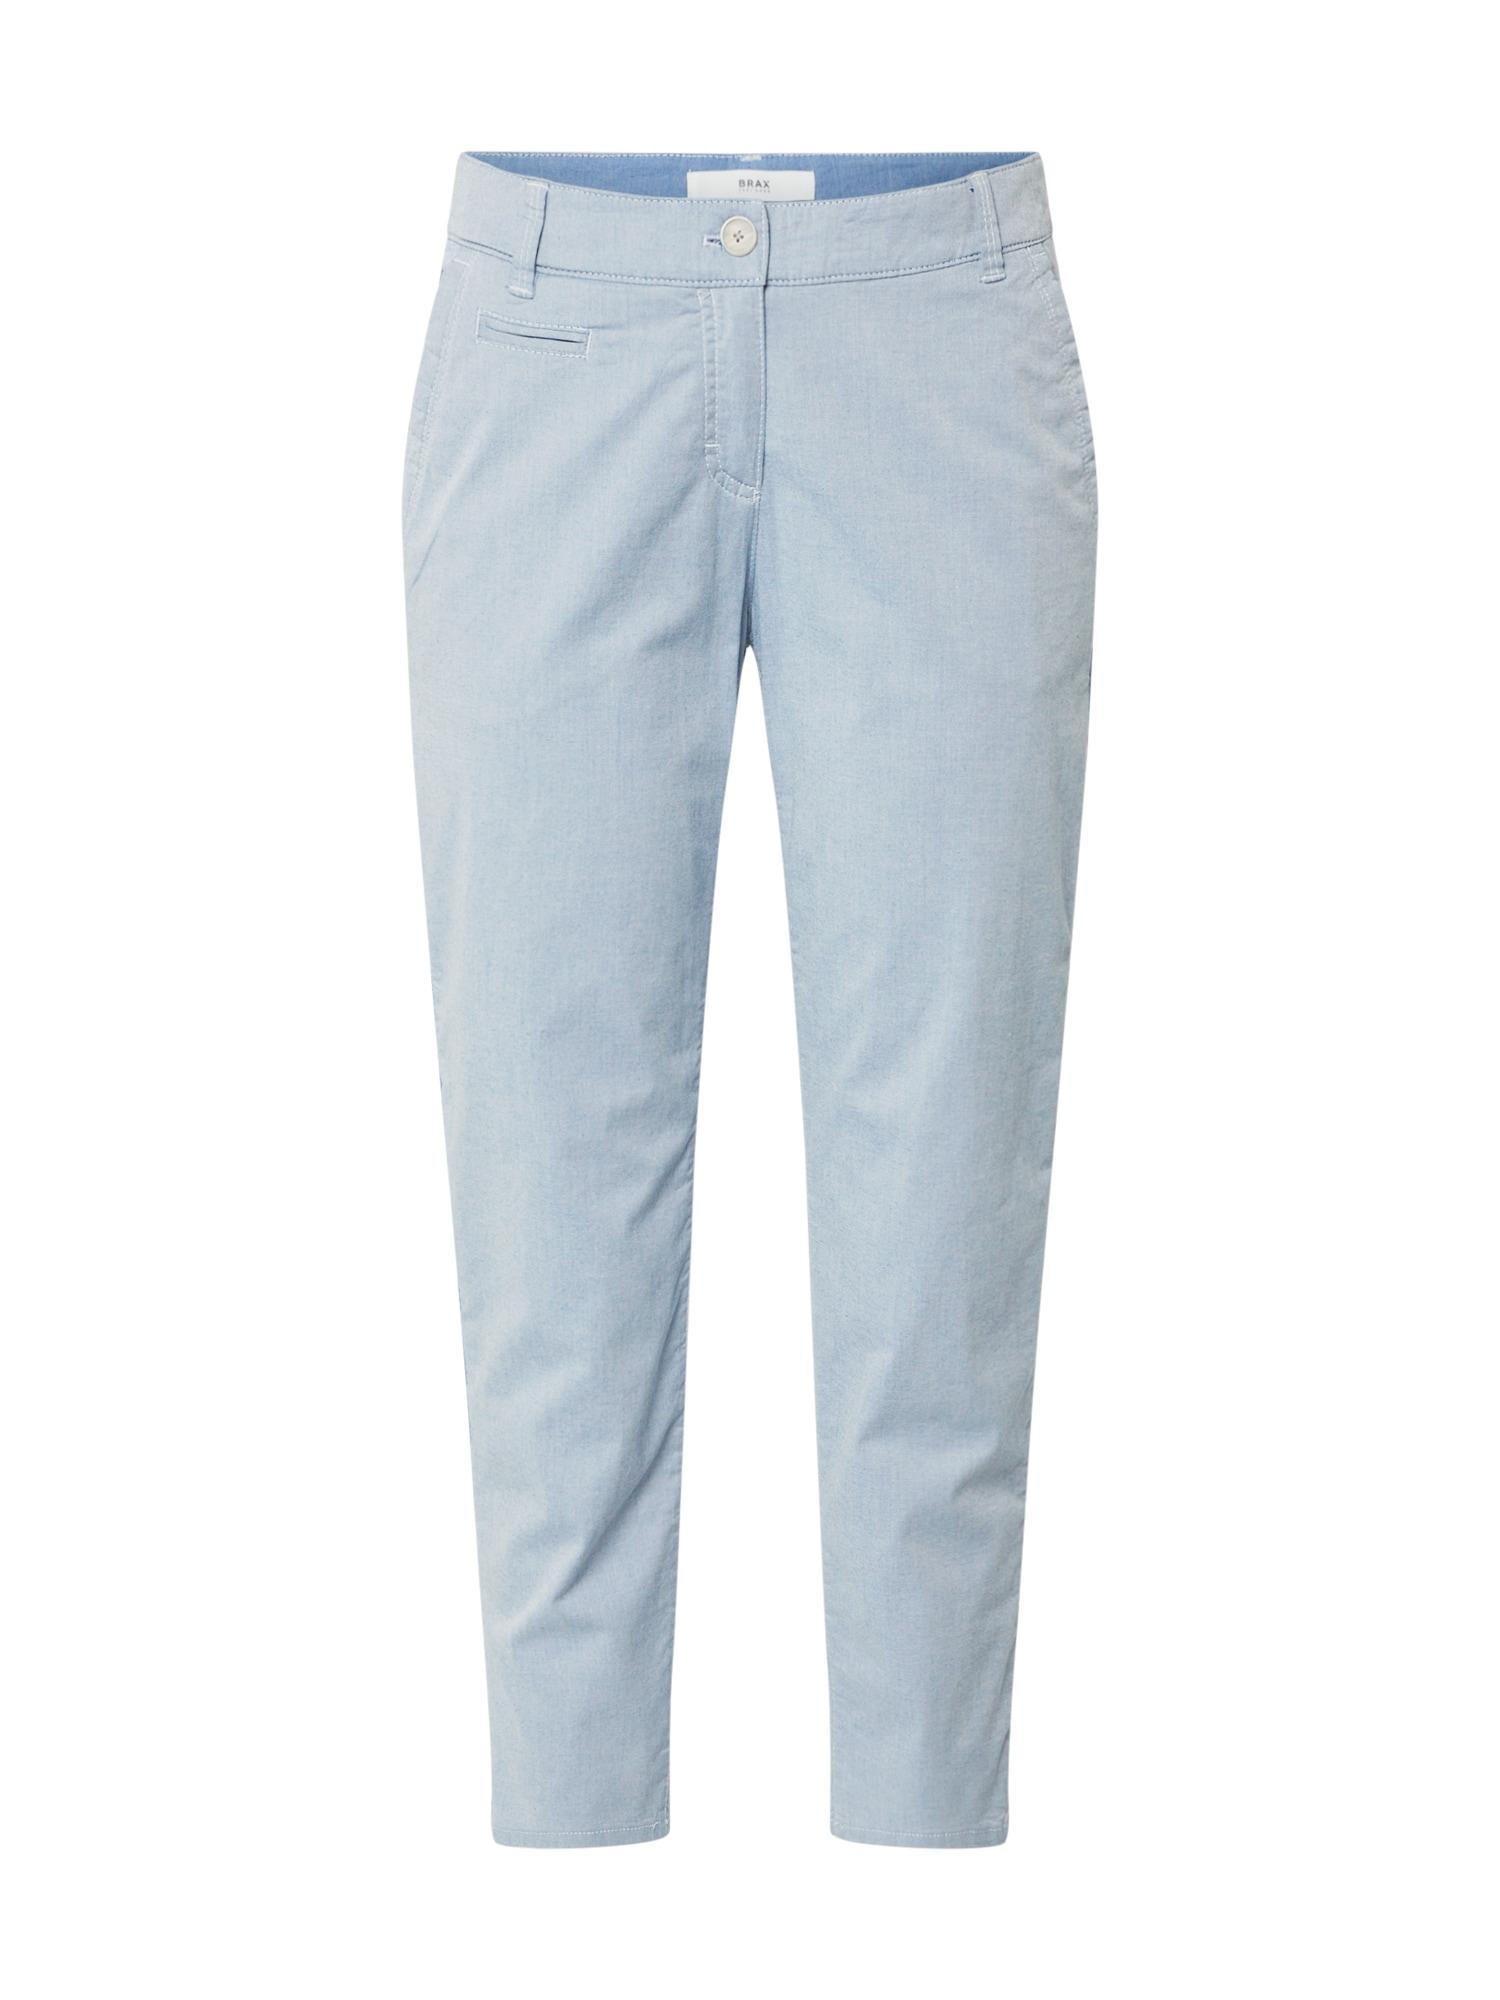 BRAX Chino stiliaus kelnės 'RHONDA S' šviesiai mėlyna